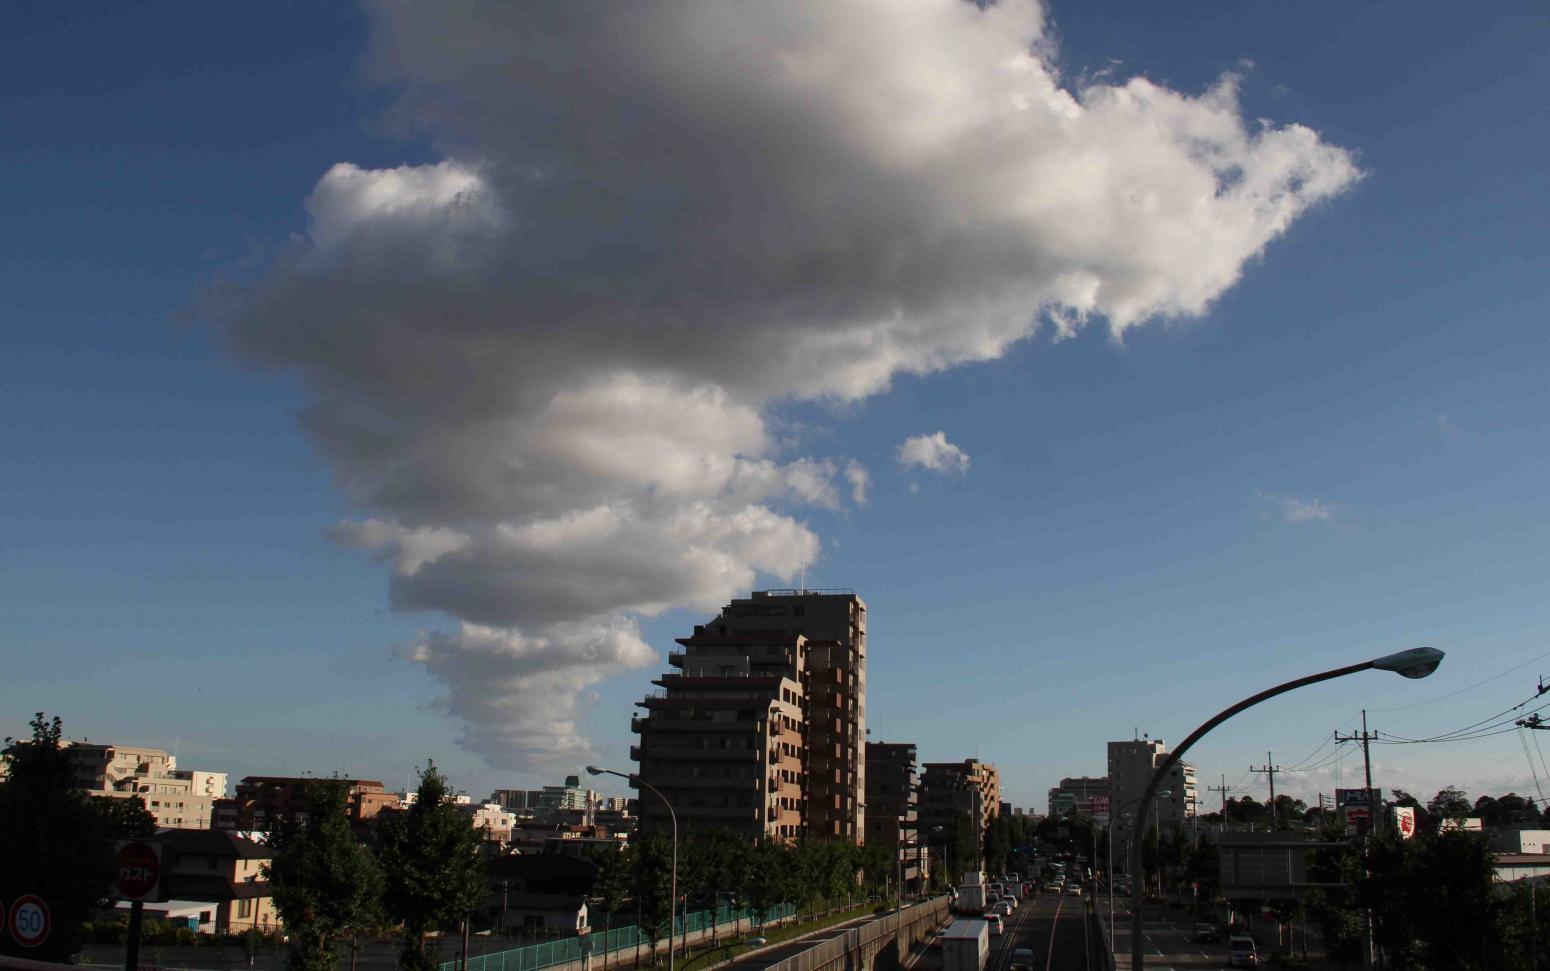 環八雲 20120819(6) 17時05分 谷原付近から井荻方面